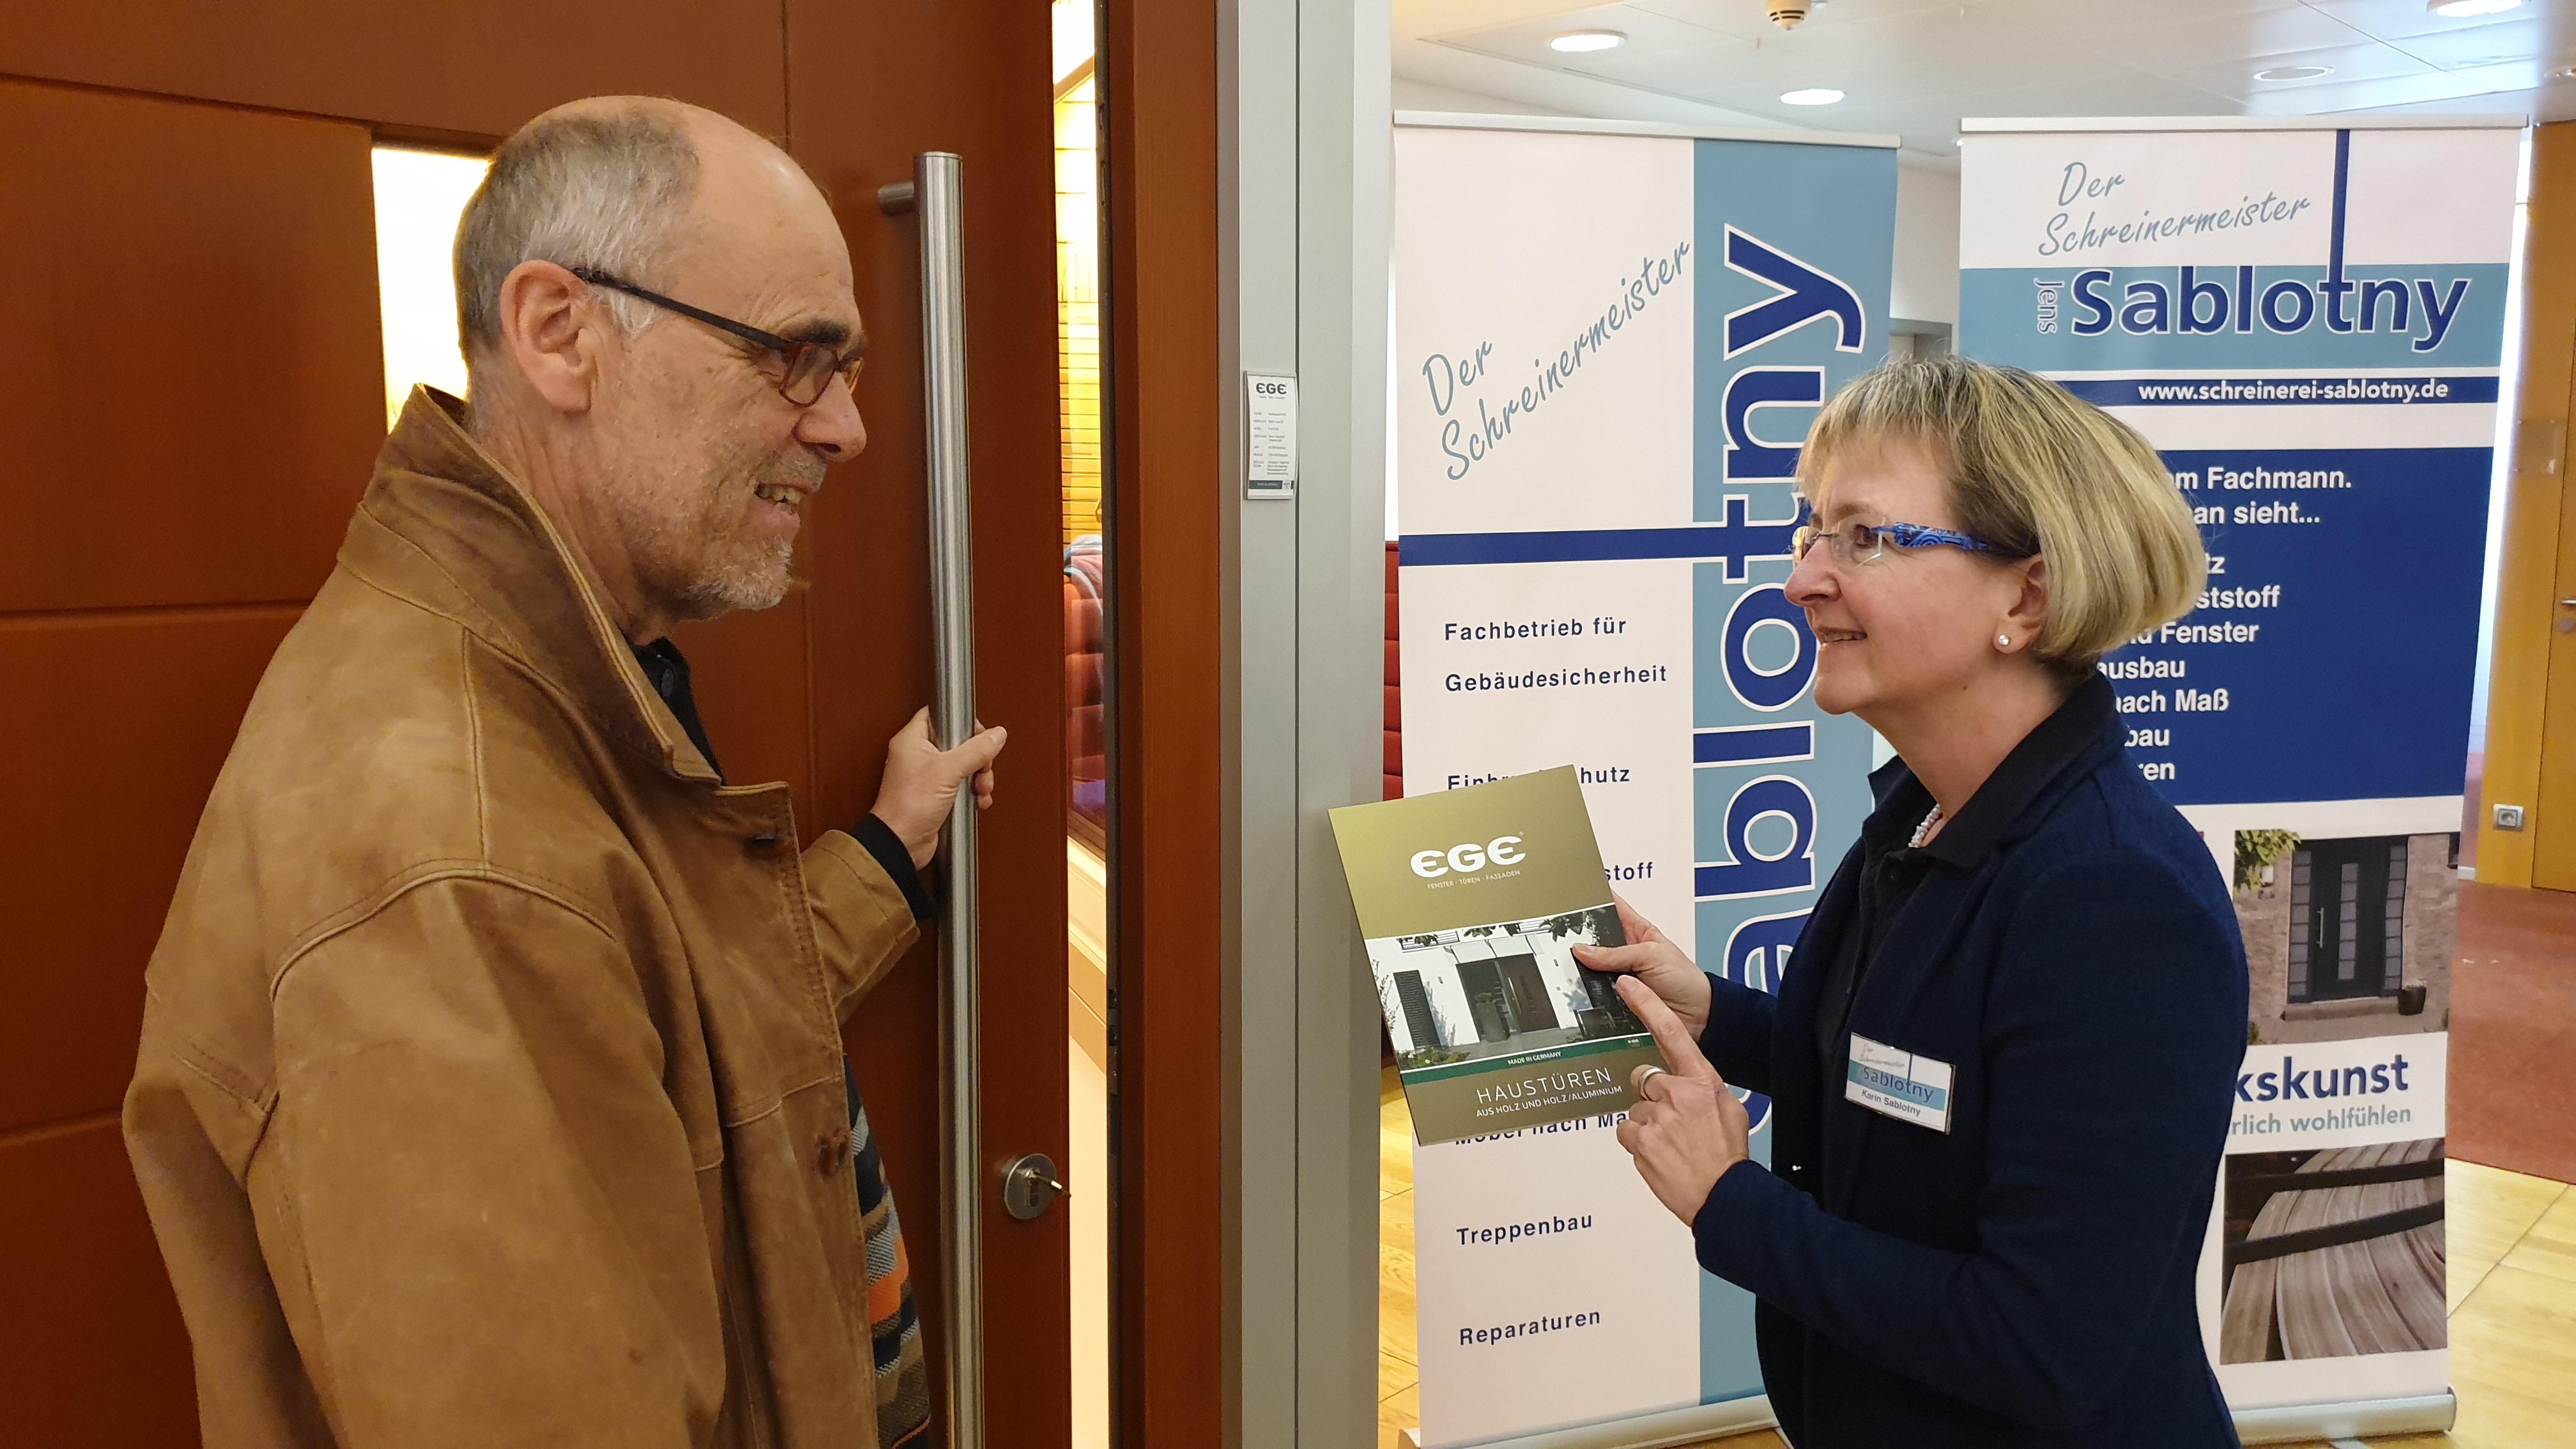 Informationen zu Hauseingangstüren waren bei Karin Sablotny sehr gefragt.   Foto: Sascha von Gerishem